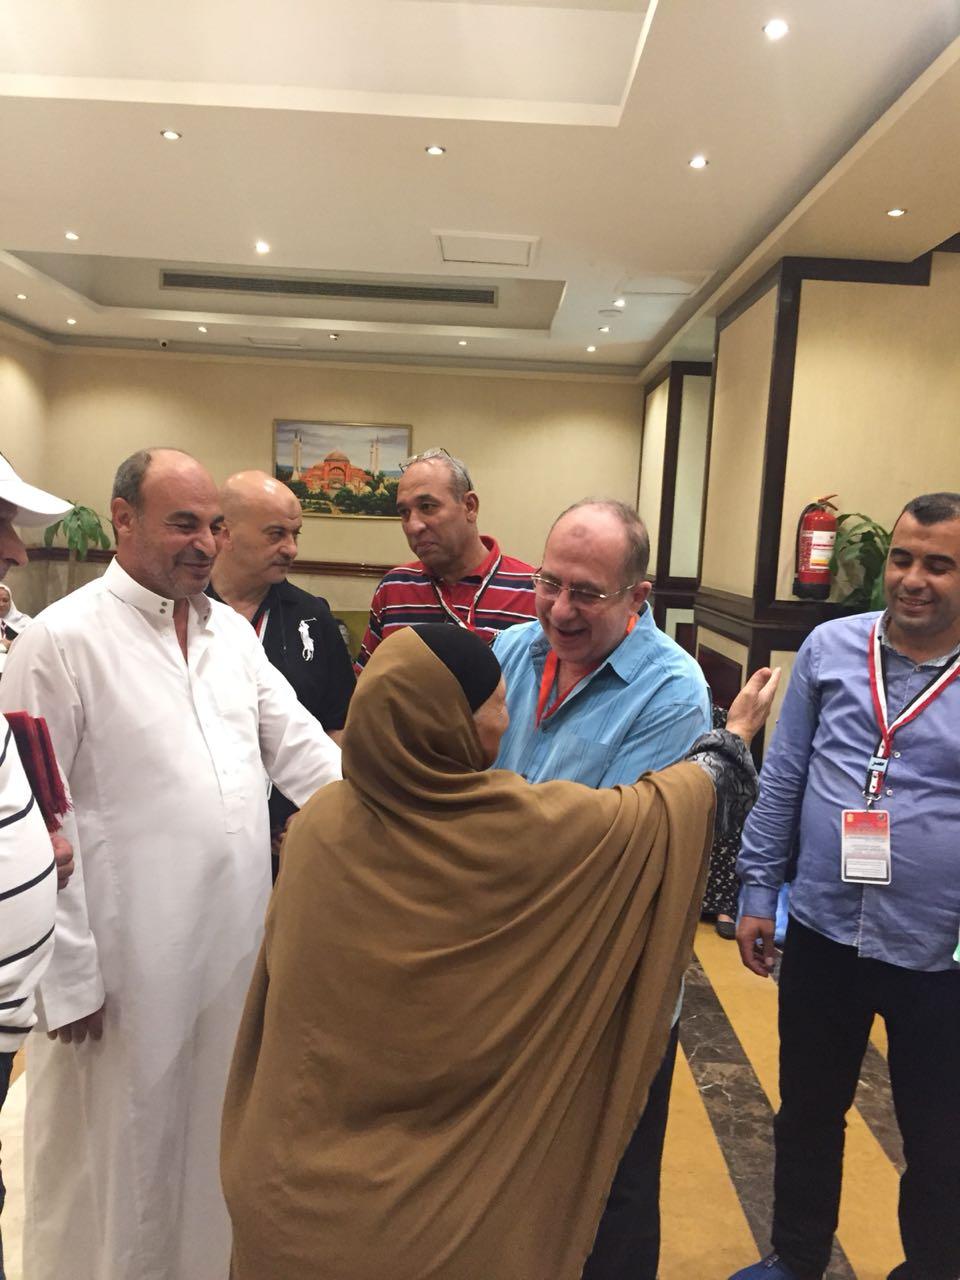 الرئيس التنفيذي لبعثة الحج يتفقد مقار اقامة الحجاج المصريين 2